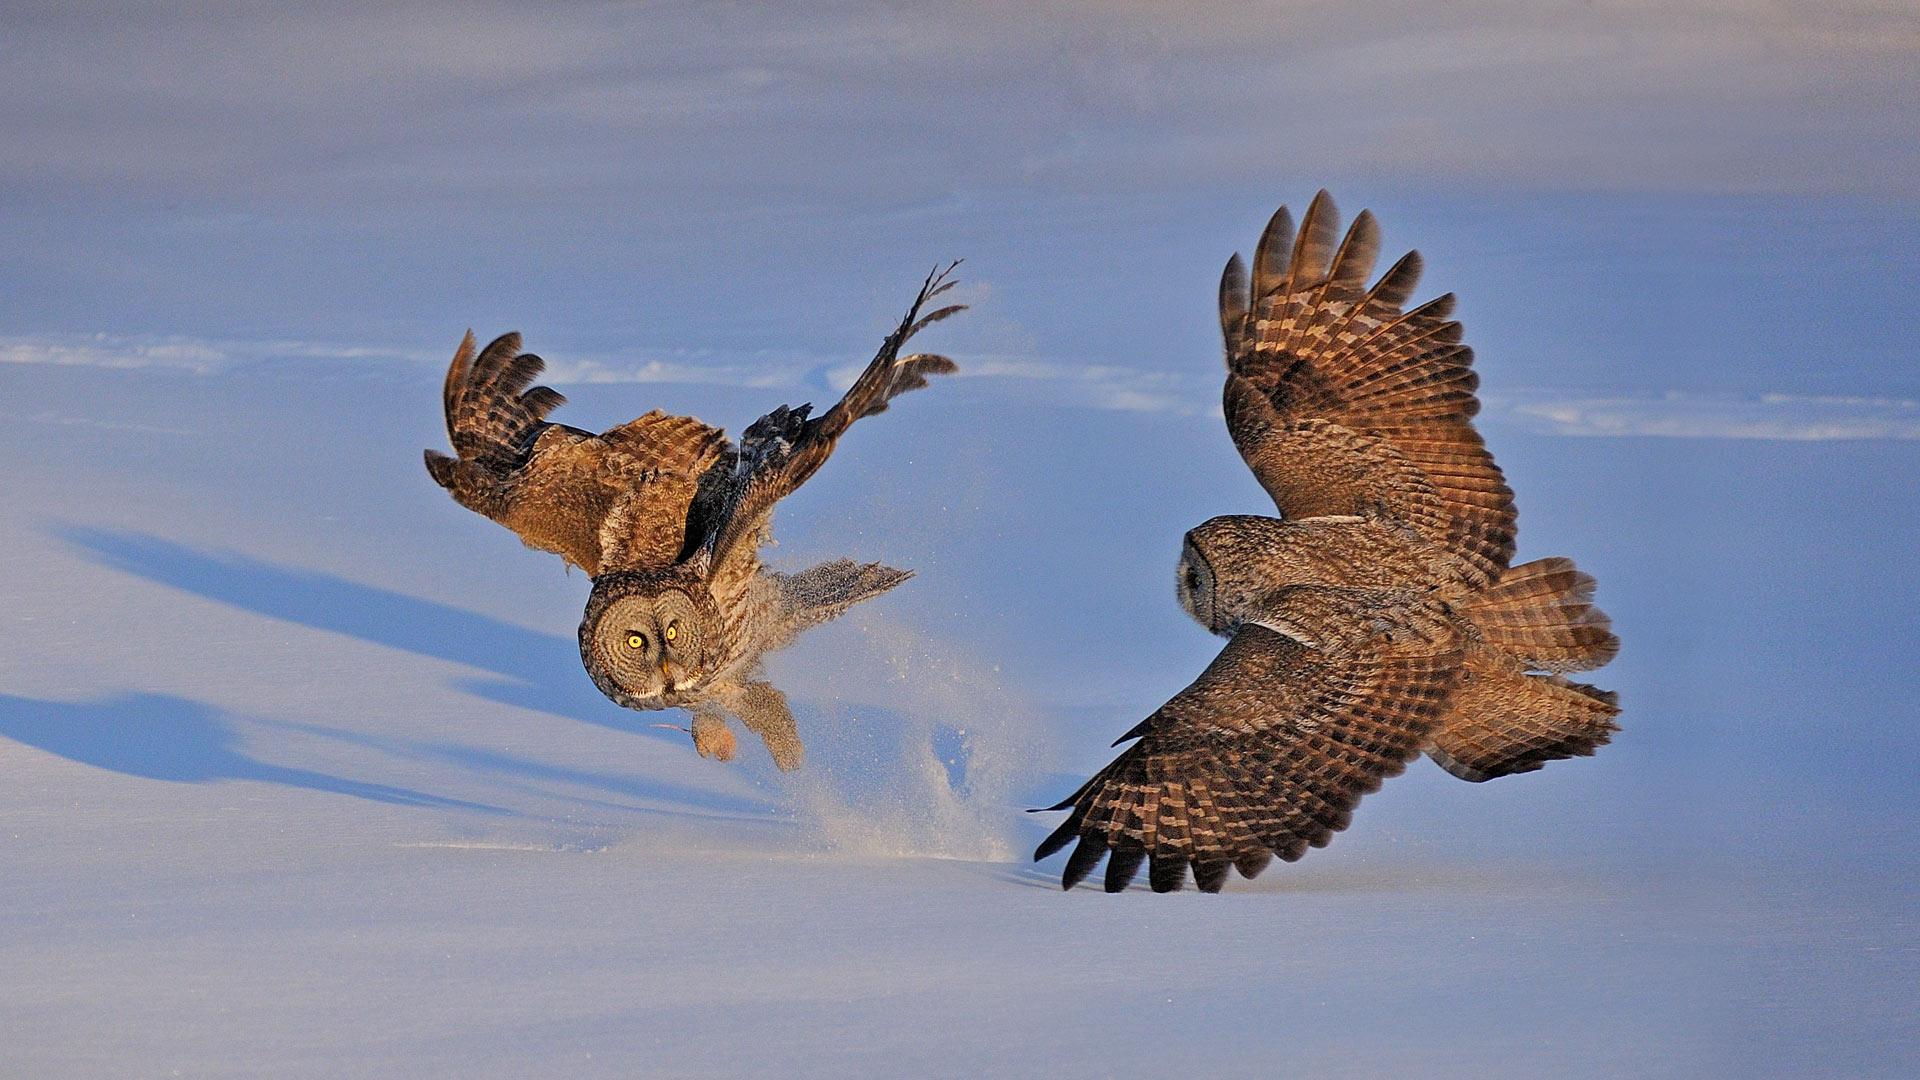 萌宠动物,小鸟天地,猫头鹰,飞翔,捕猎